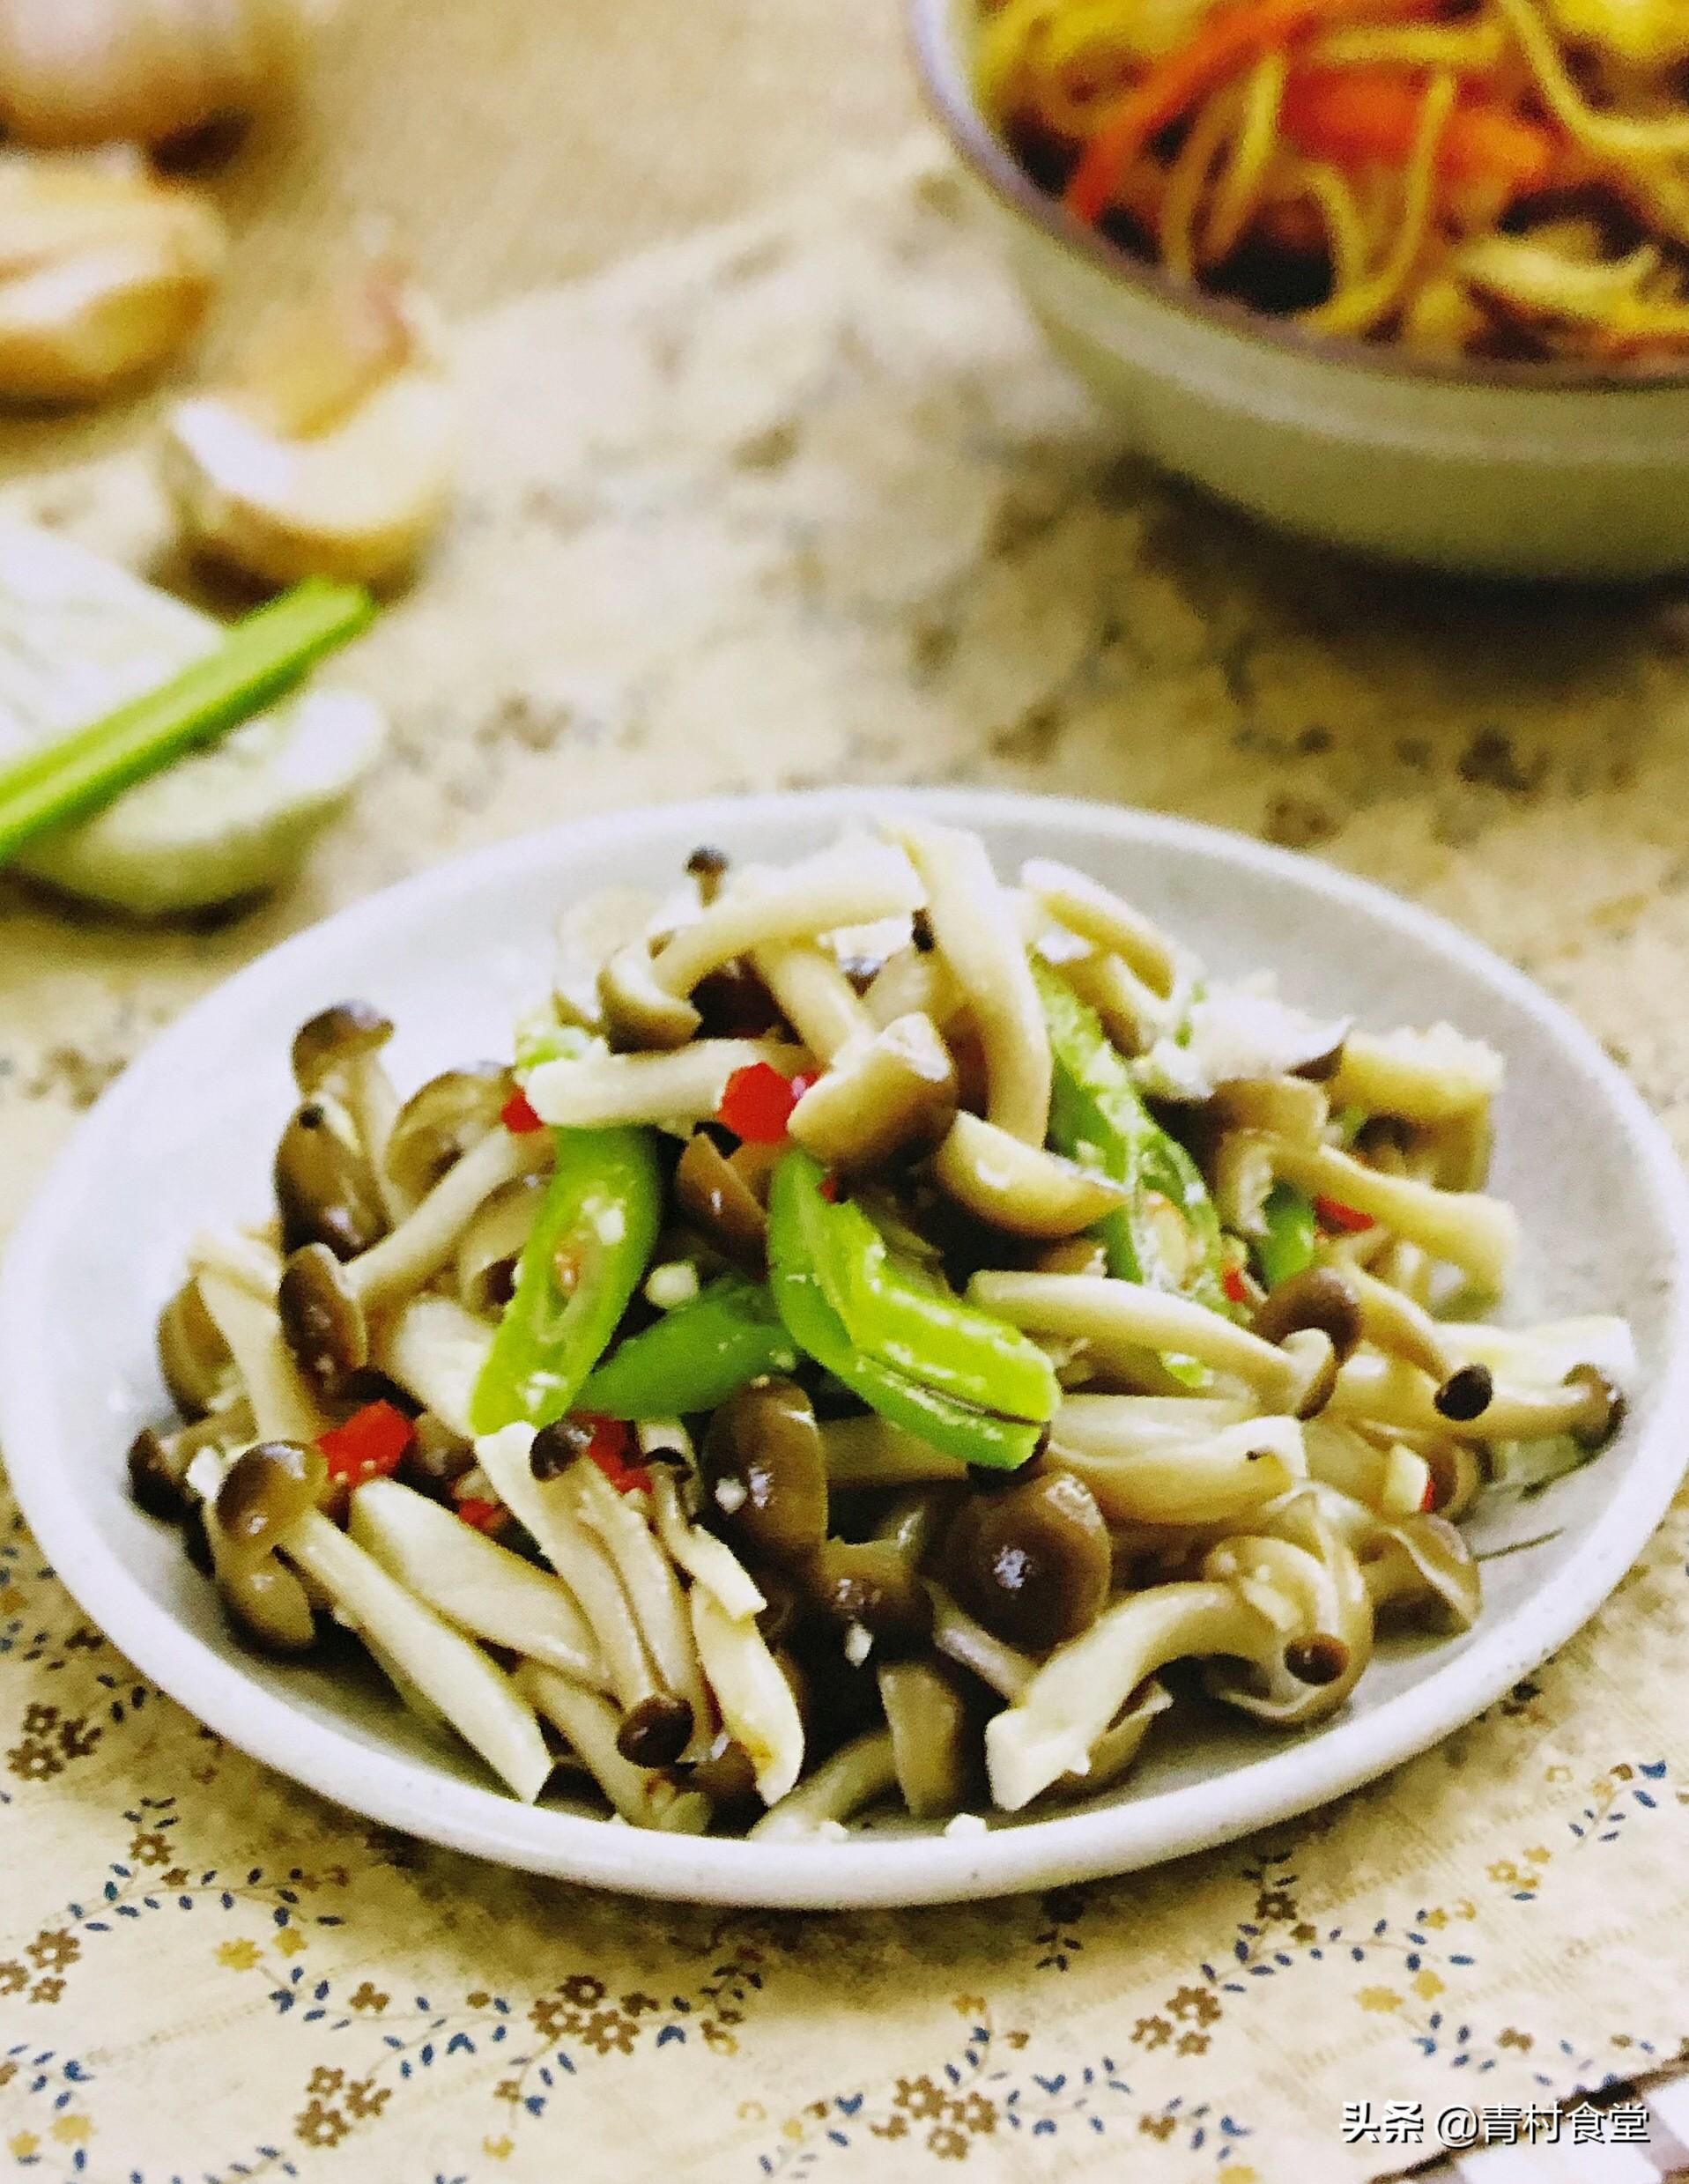 你知道北豆腐和南豆腐的区别吗? 美食做法 第4张